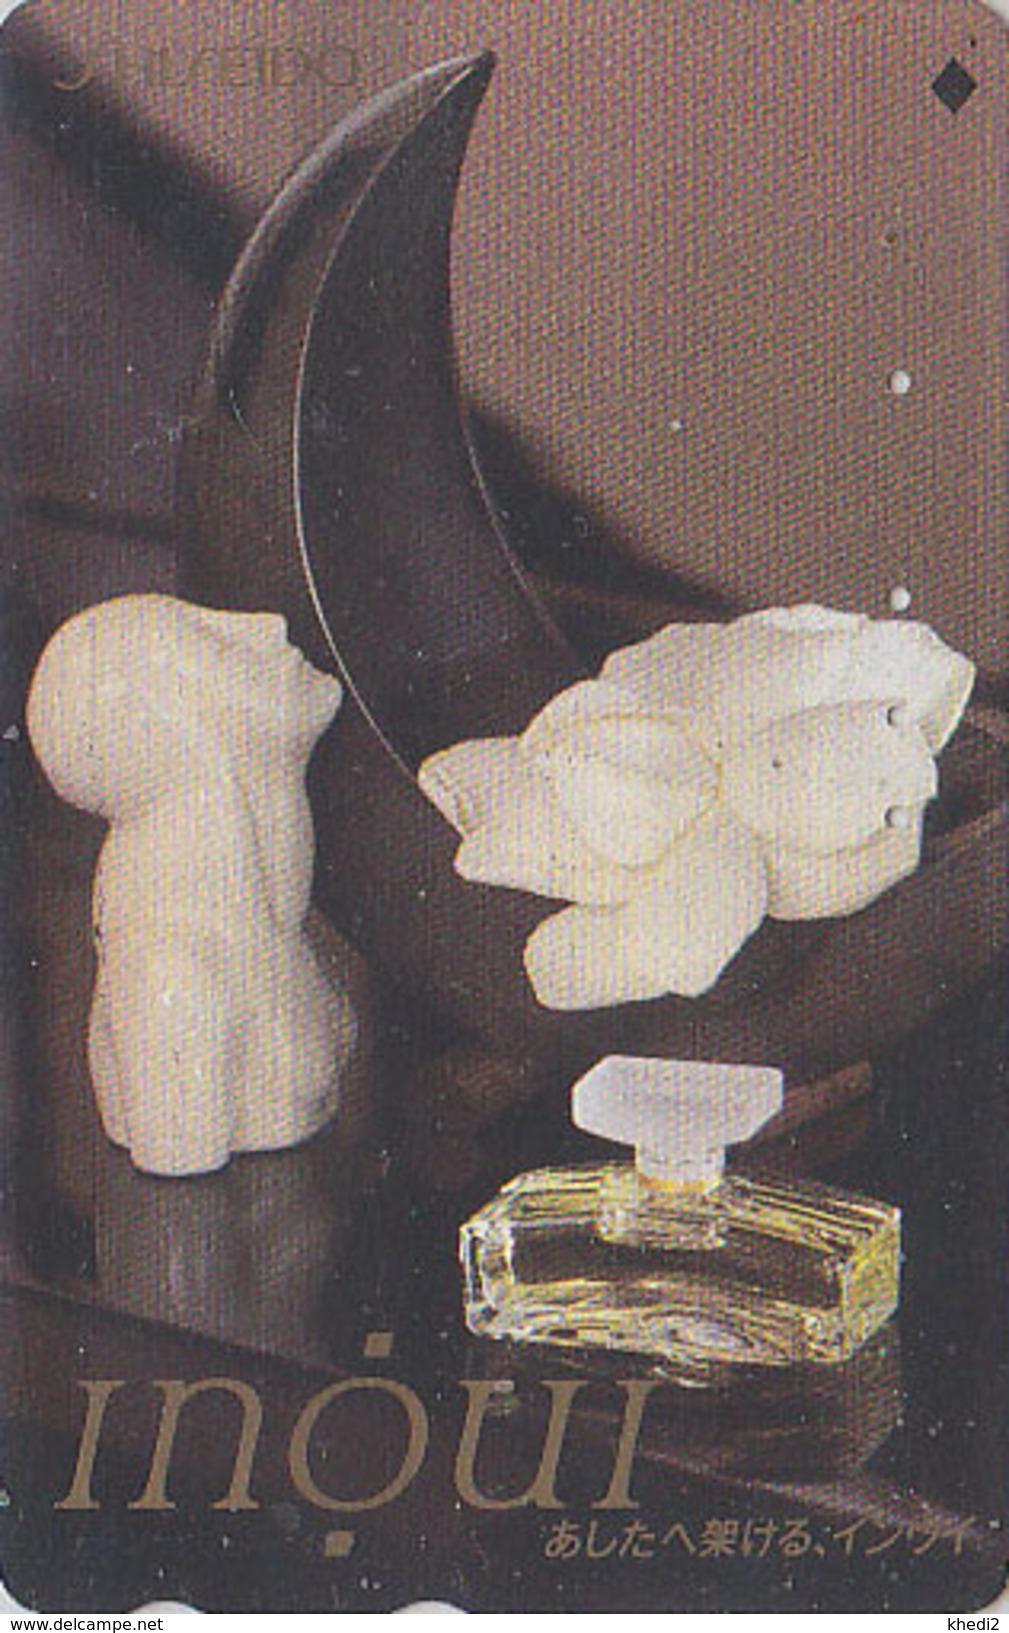 Télécarte Parfumée Japon / 110-011 - PARFUM - SHISEIDO INOUI - PERFUME Perfumed Japan Phonecard - PARFÜM - 246 - Parfum